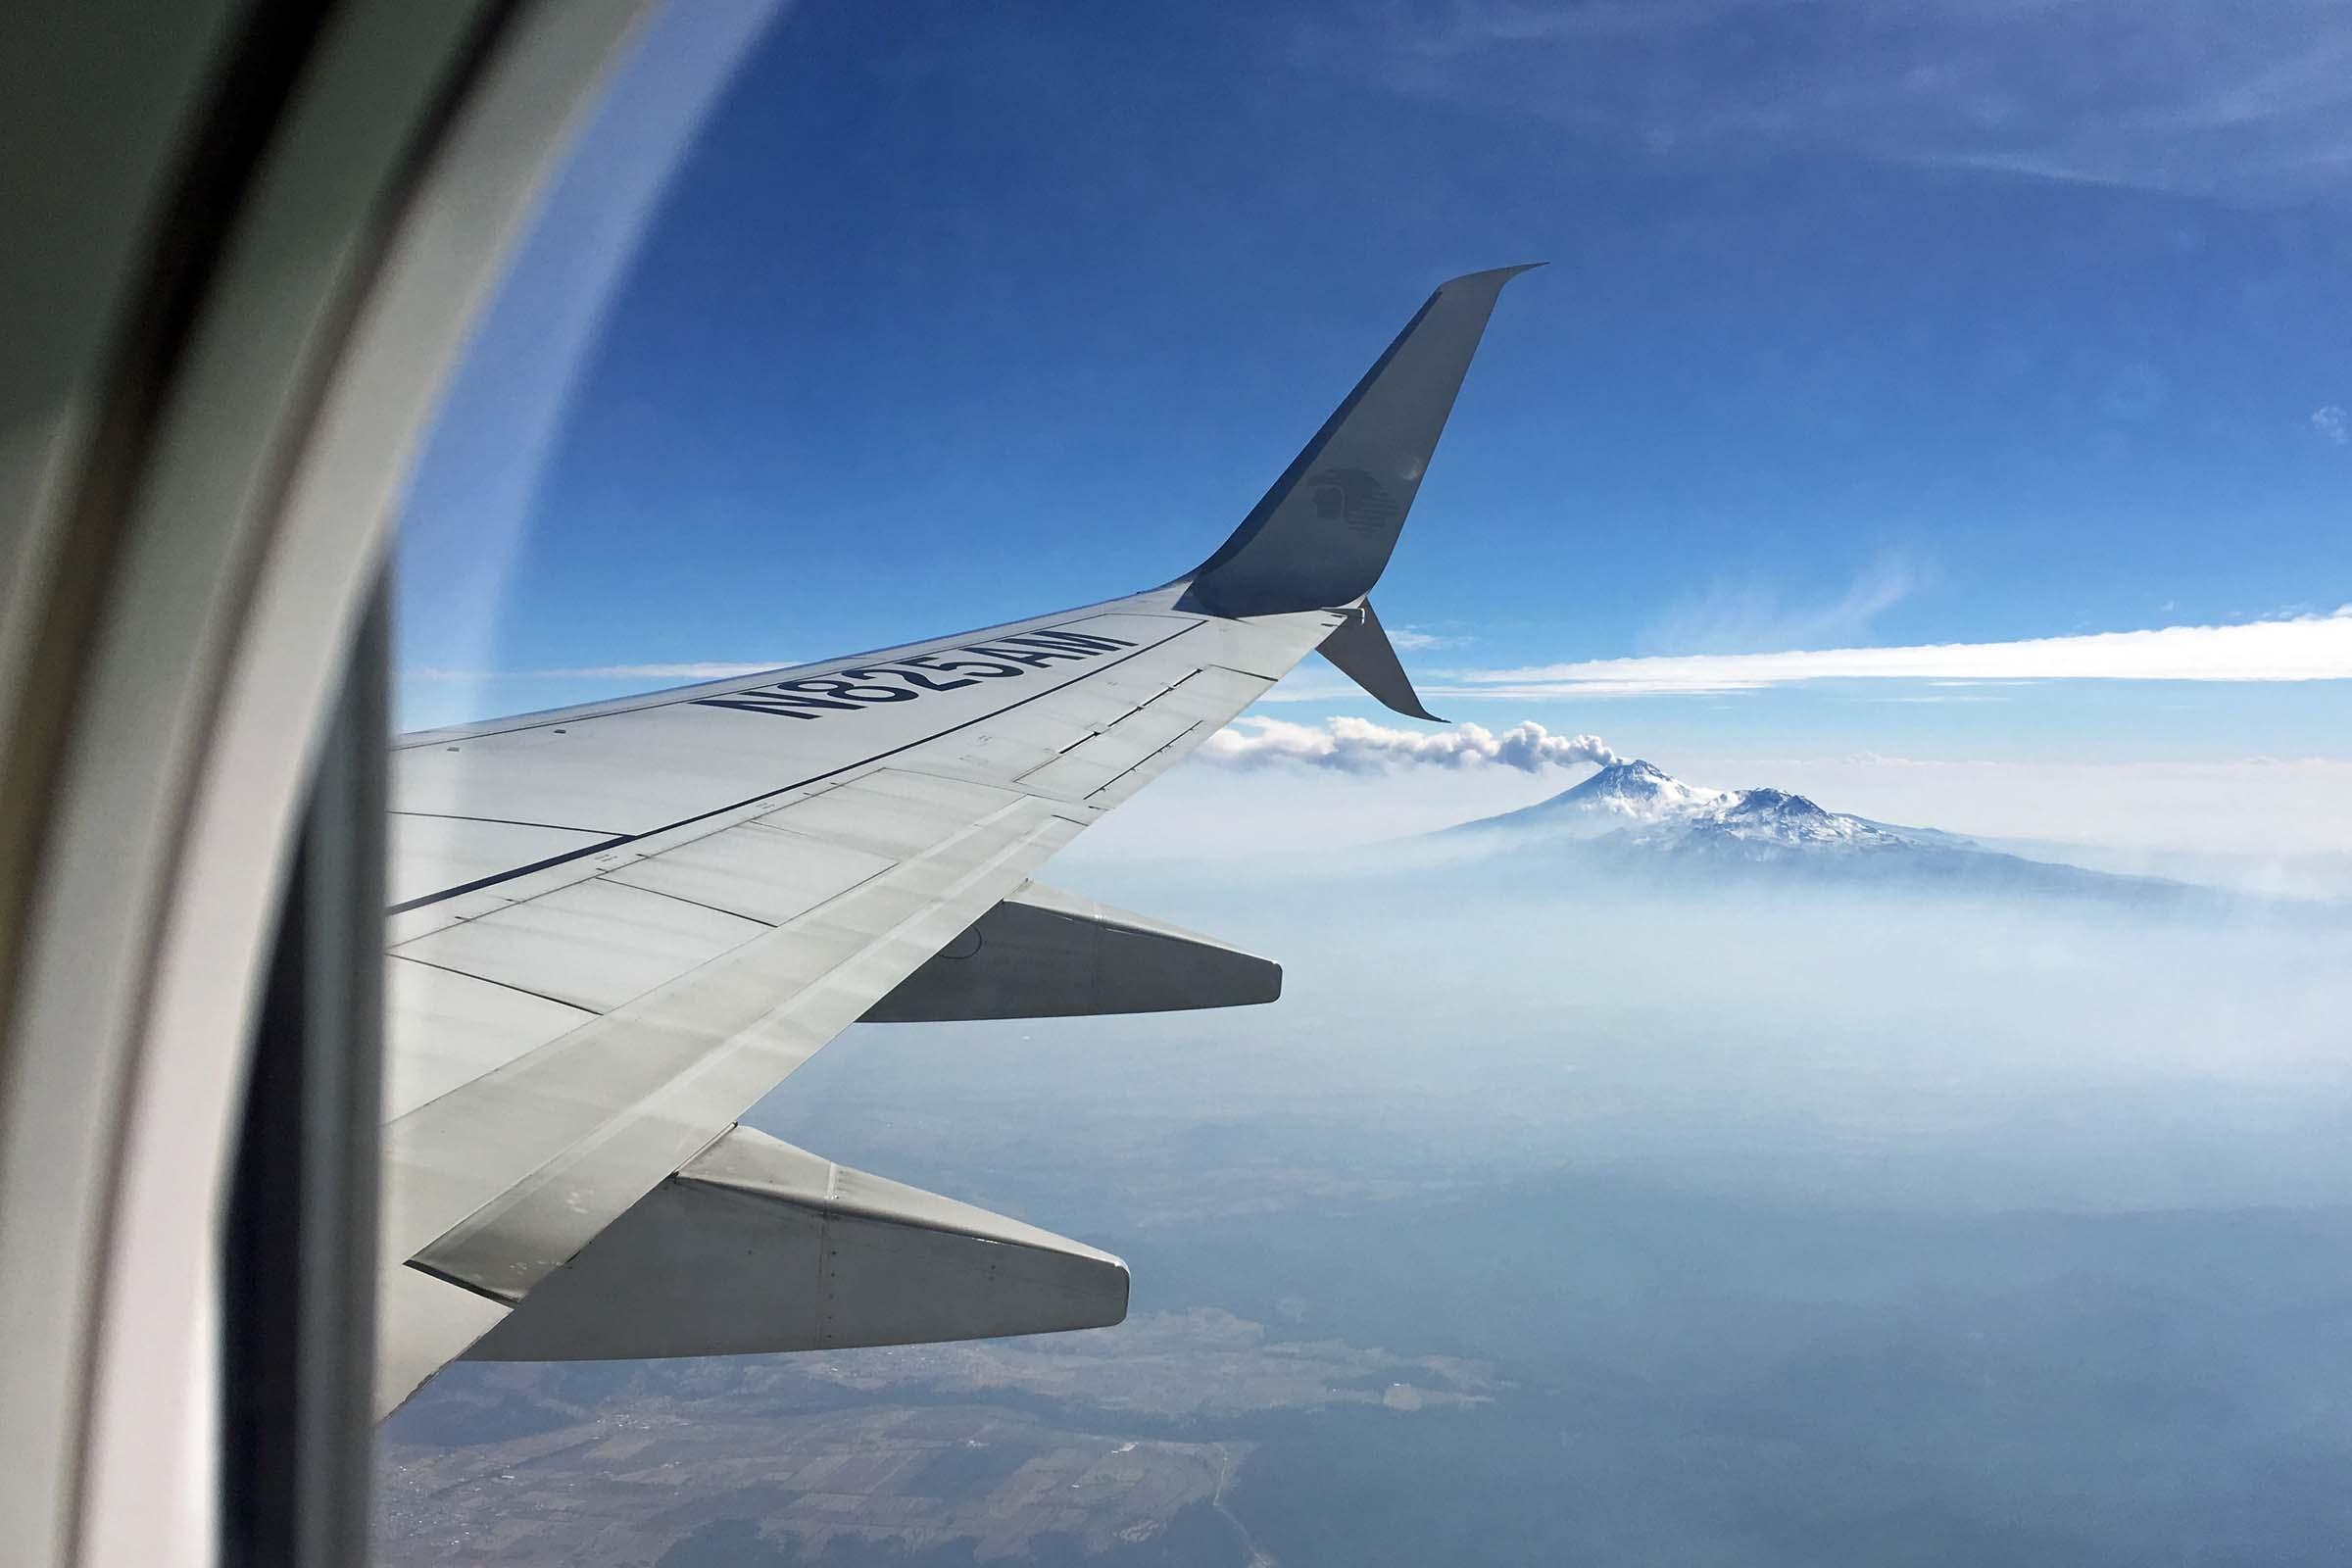 長時間フライトほど快適性を実感できる旅客機でメキシコの新リゾート・リビエラマヤへ ―「ボーイング787で飛ぶ旅」 アエロメヒコ航空編